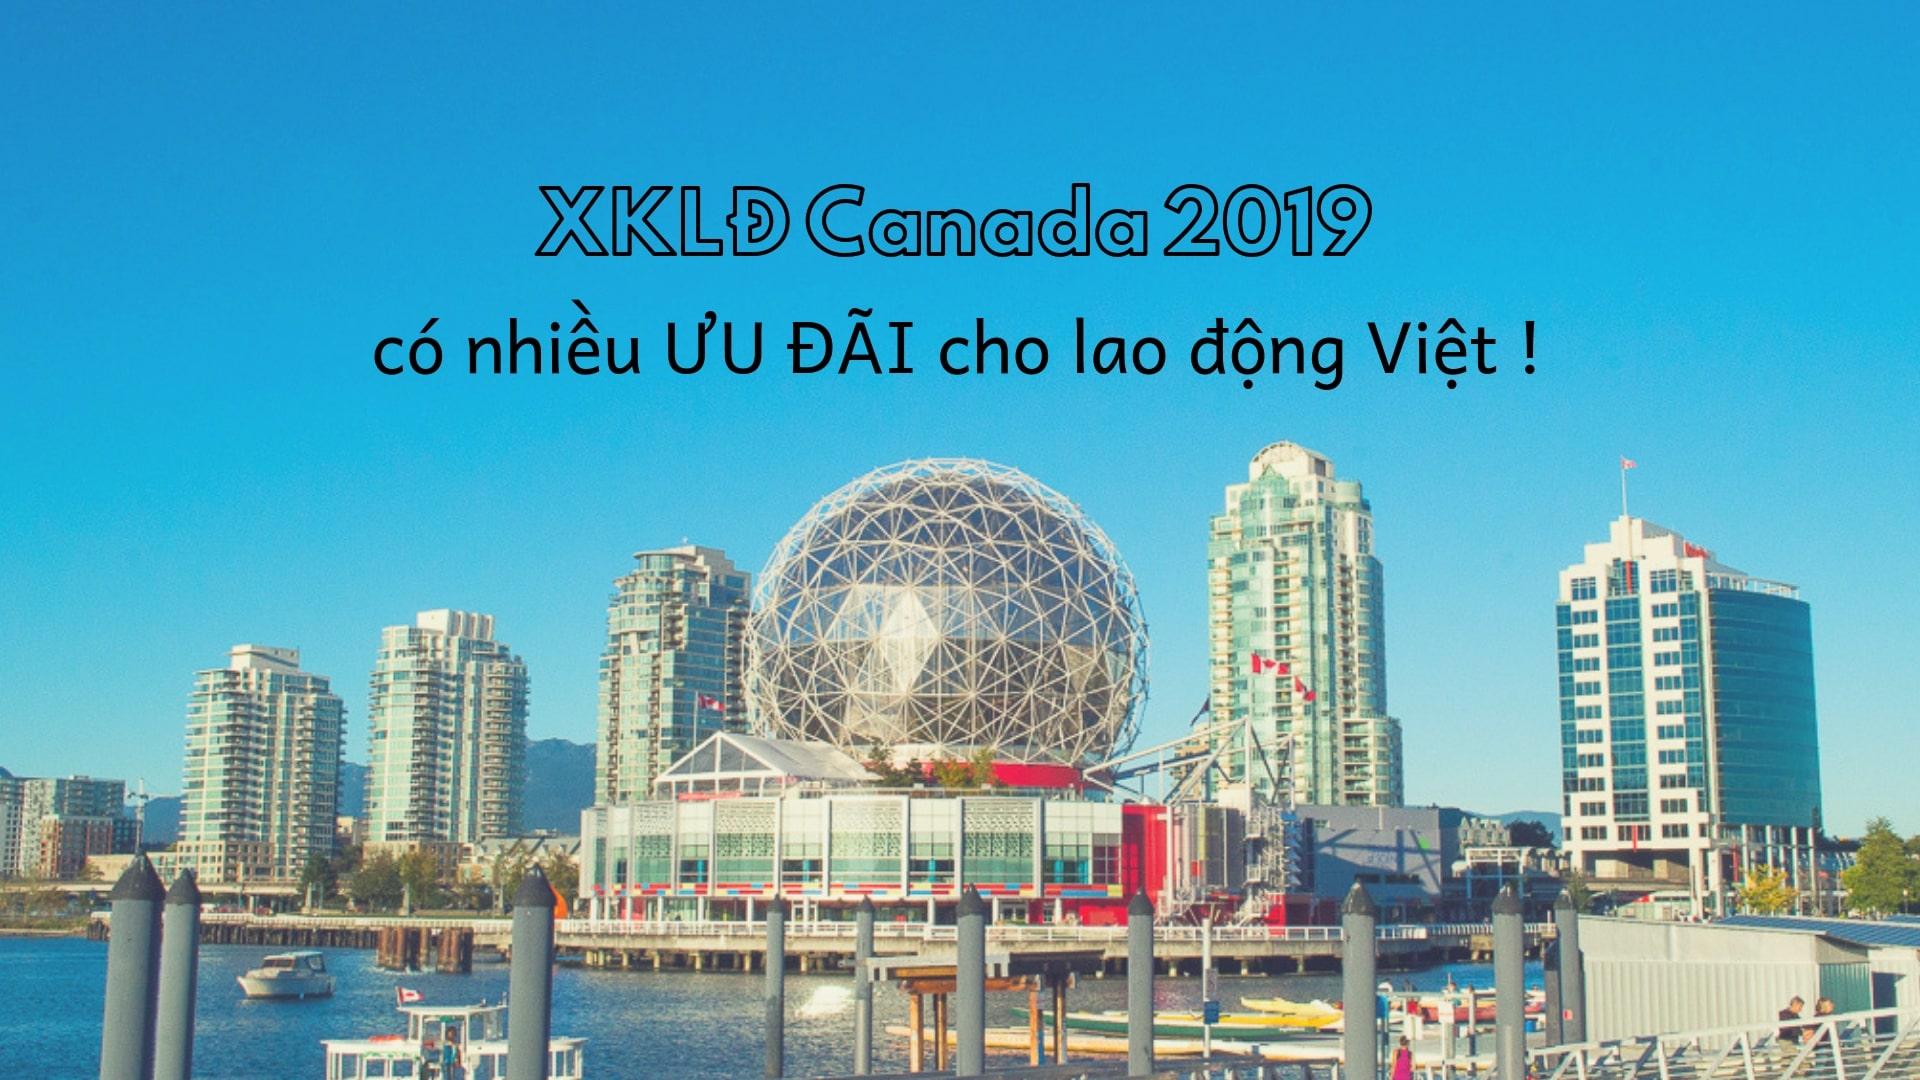 XKLĐ Canada 2019 – nhiều chương trình HẤP DẪN dành cho lao động Việt!